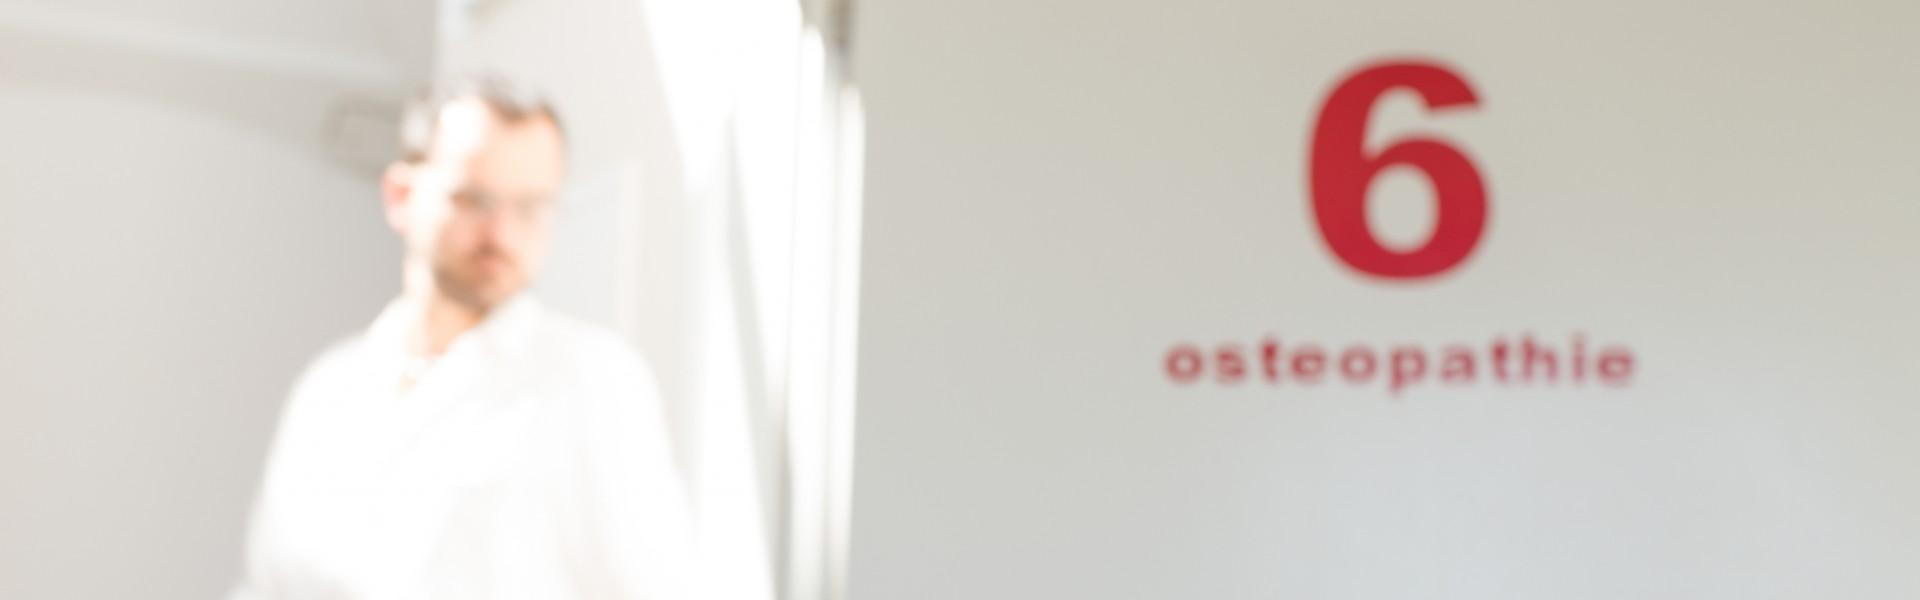 behandlungszimmer-6-osteopathie-header-detail-praxis-klenk_3apr15_cclausen-2-e1429265759569